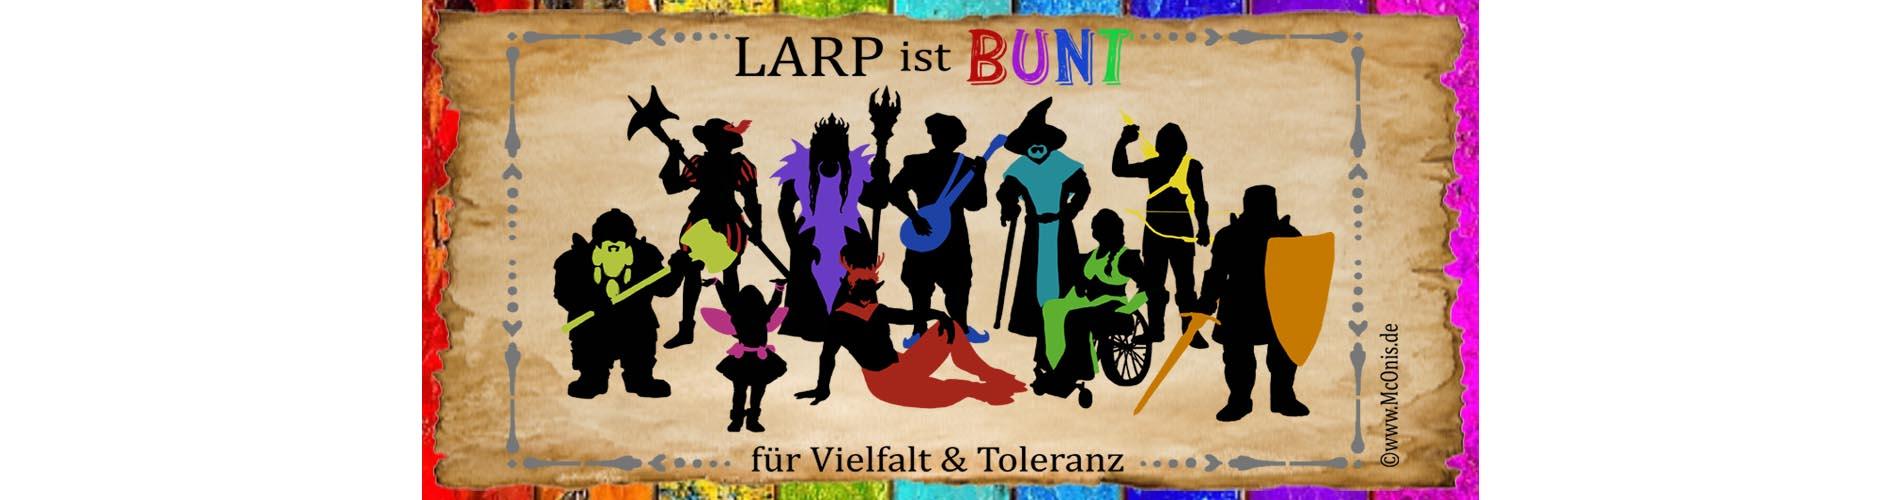 LARP ist BUNT